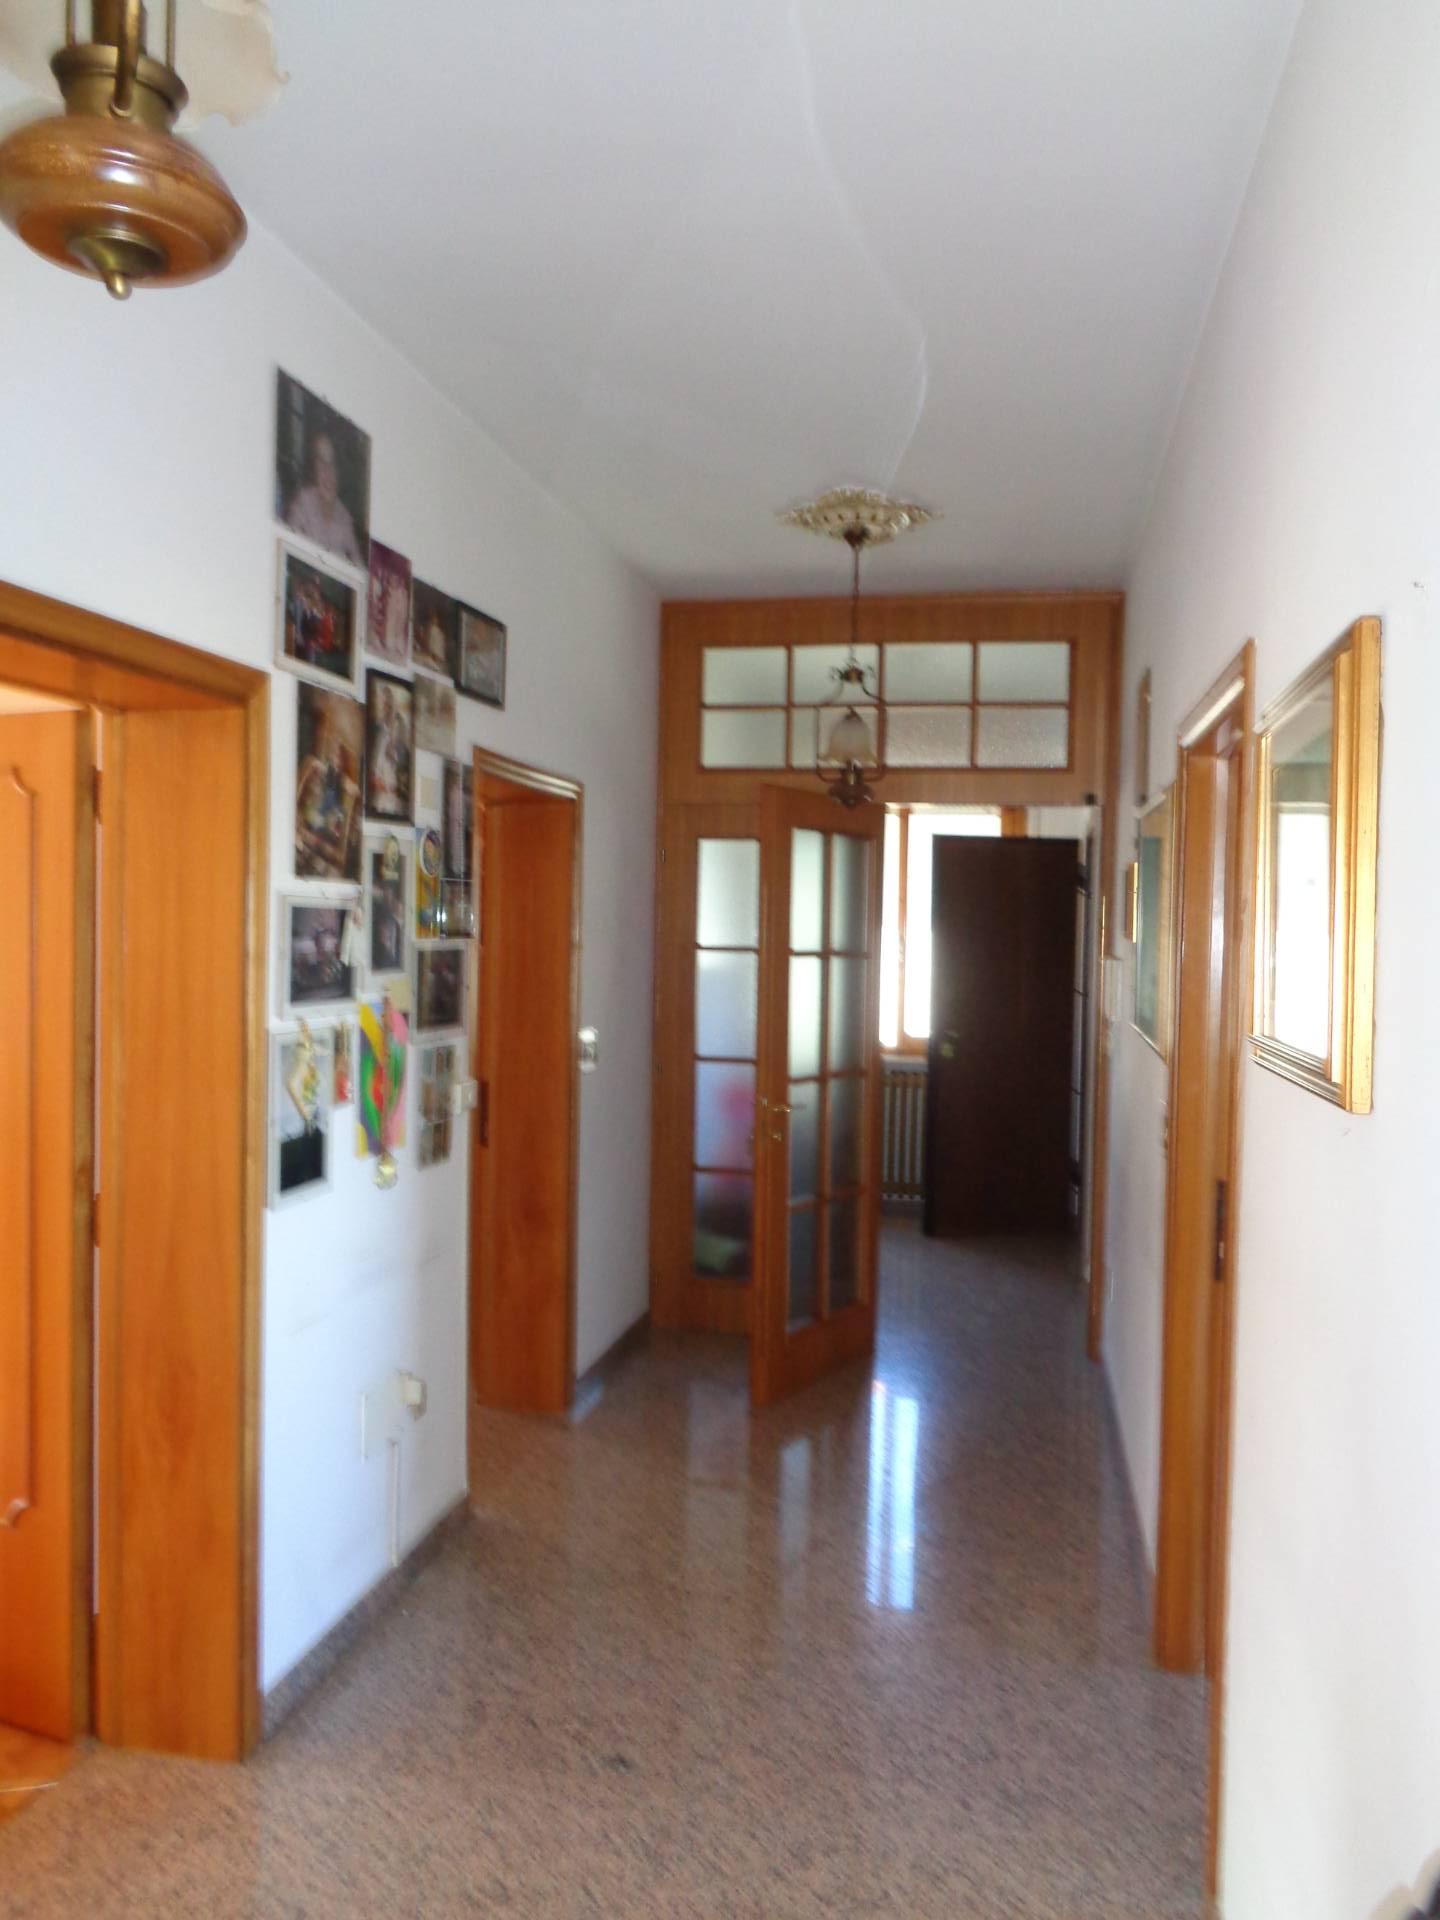 Appartamento in affitto a Longiano, 6 locali, zona Località: BudrioDiLongiano, prezzo € 700 | CambioCasa.it